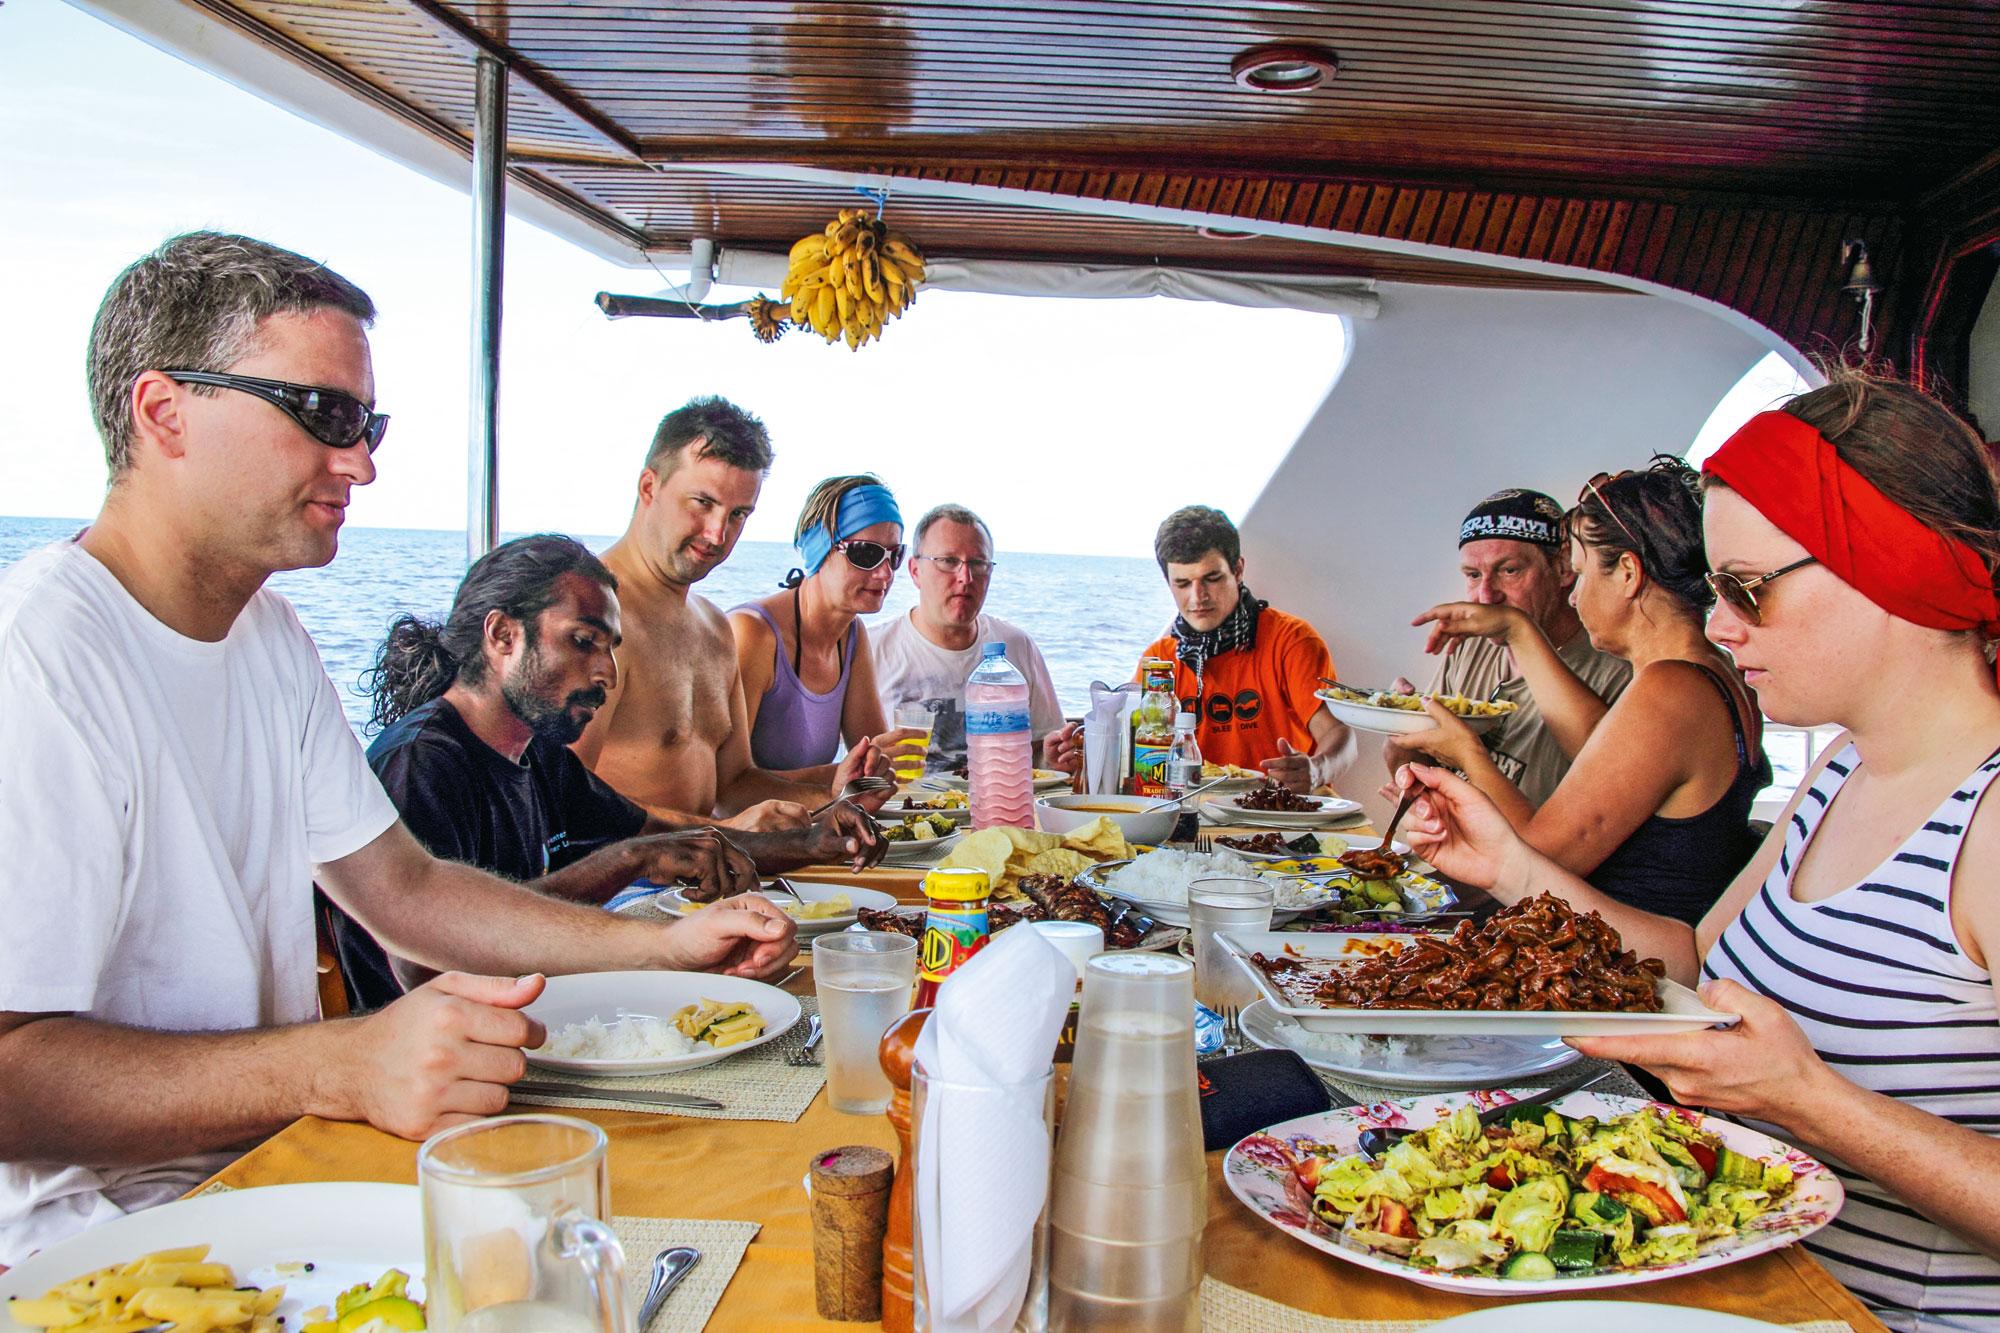 Alle essen gemeinsam